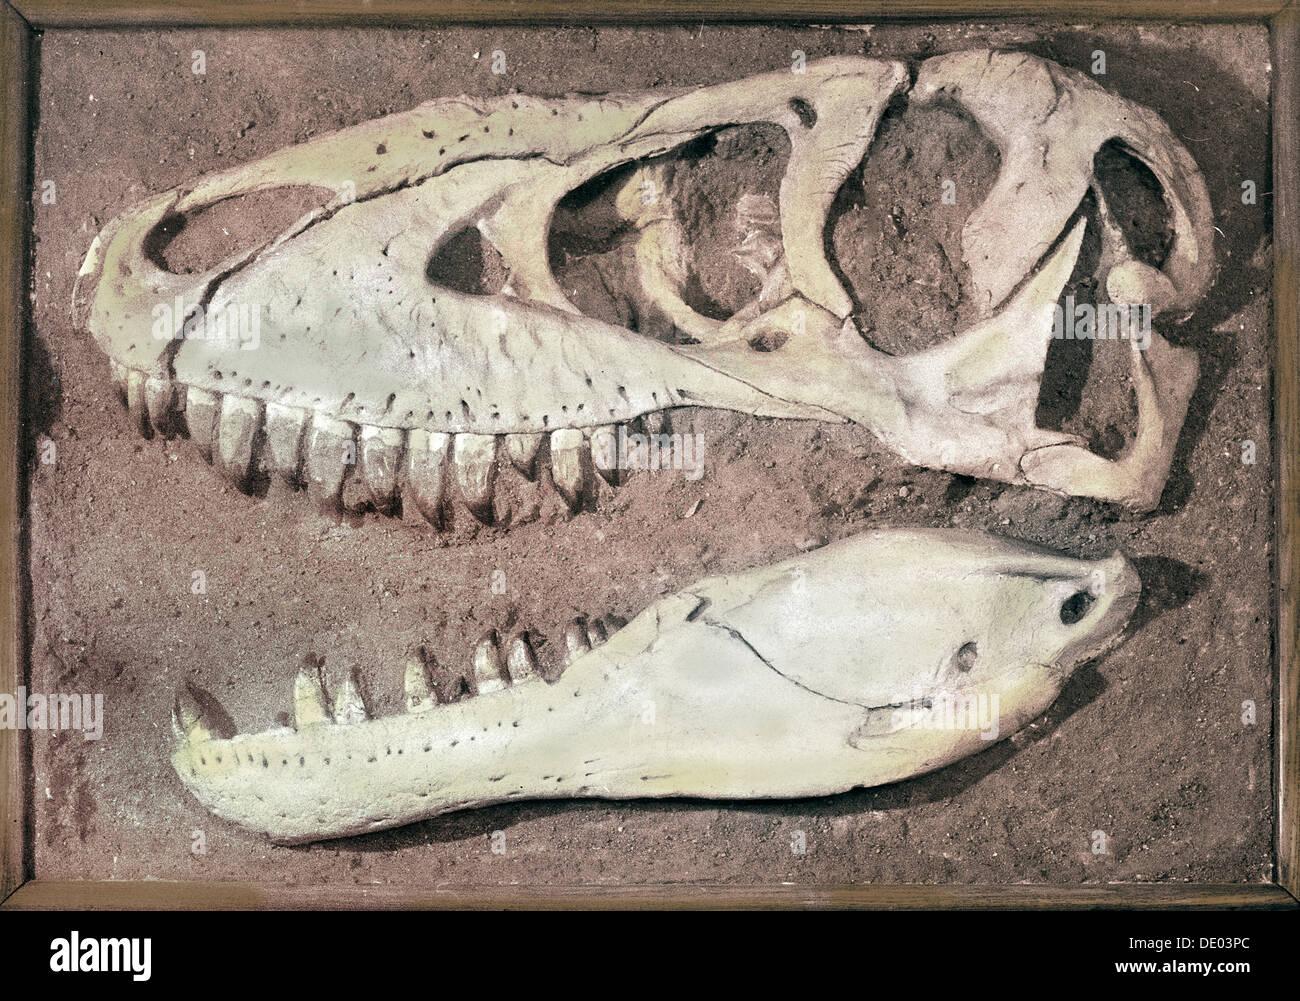 Cabeza de un Tarbosaurus, de Mongolia, a finales del período Cretácico, hace 70-65 millones de años. Artista: Werner forman Imagen De Stock